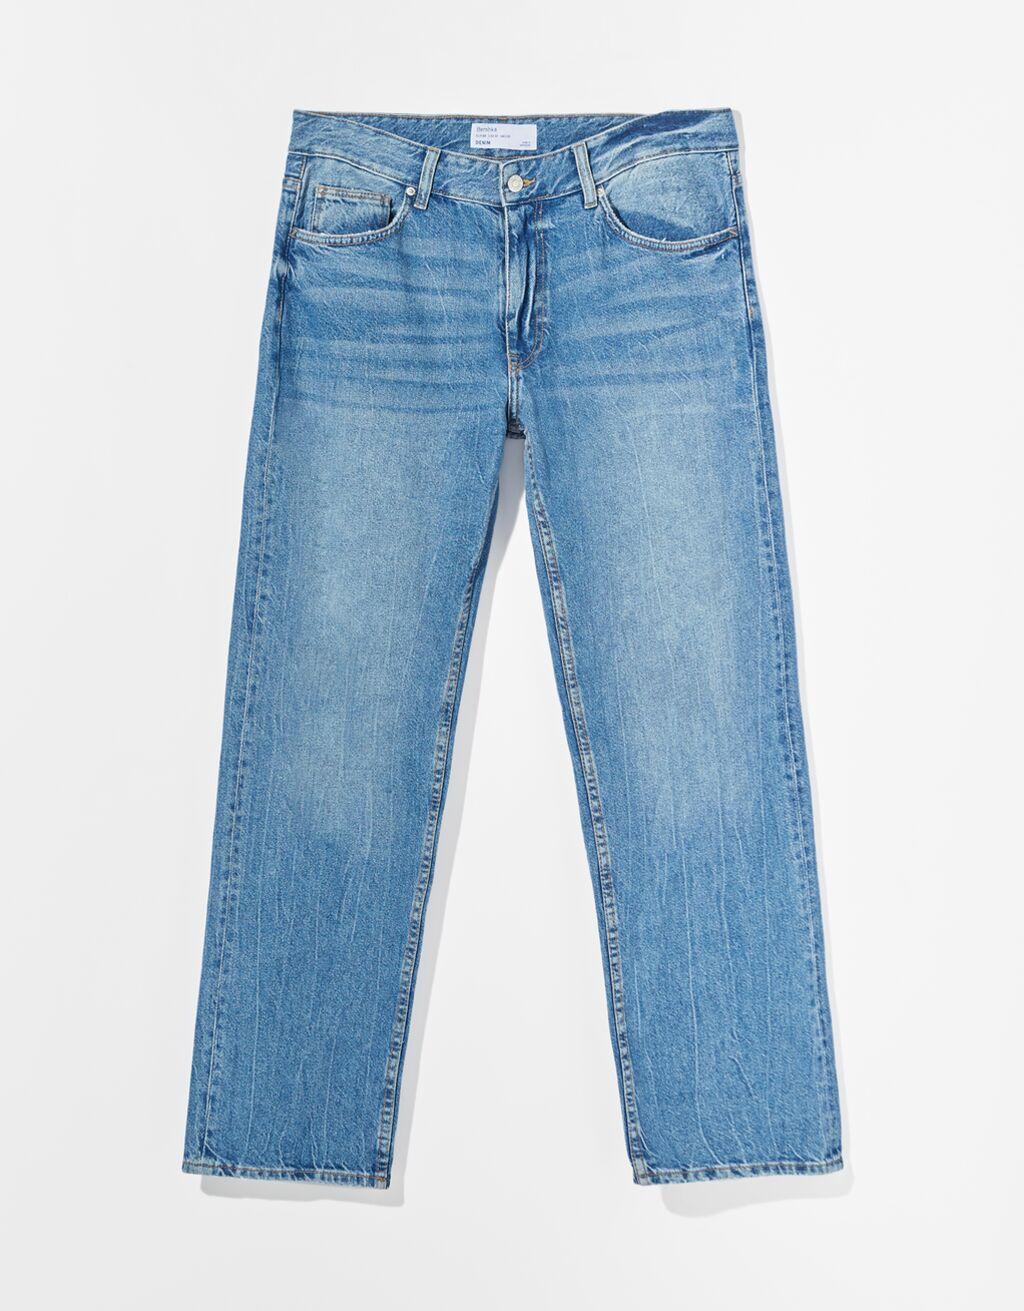 Jeans 90's de aspecto vintage